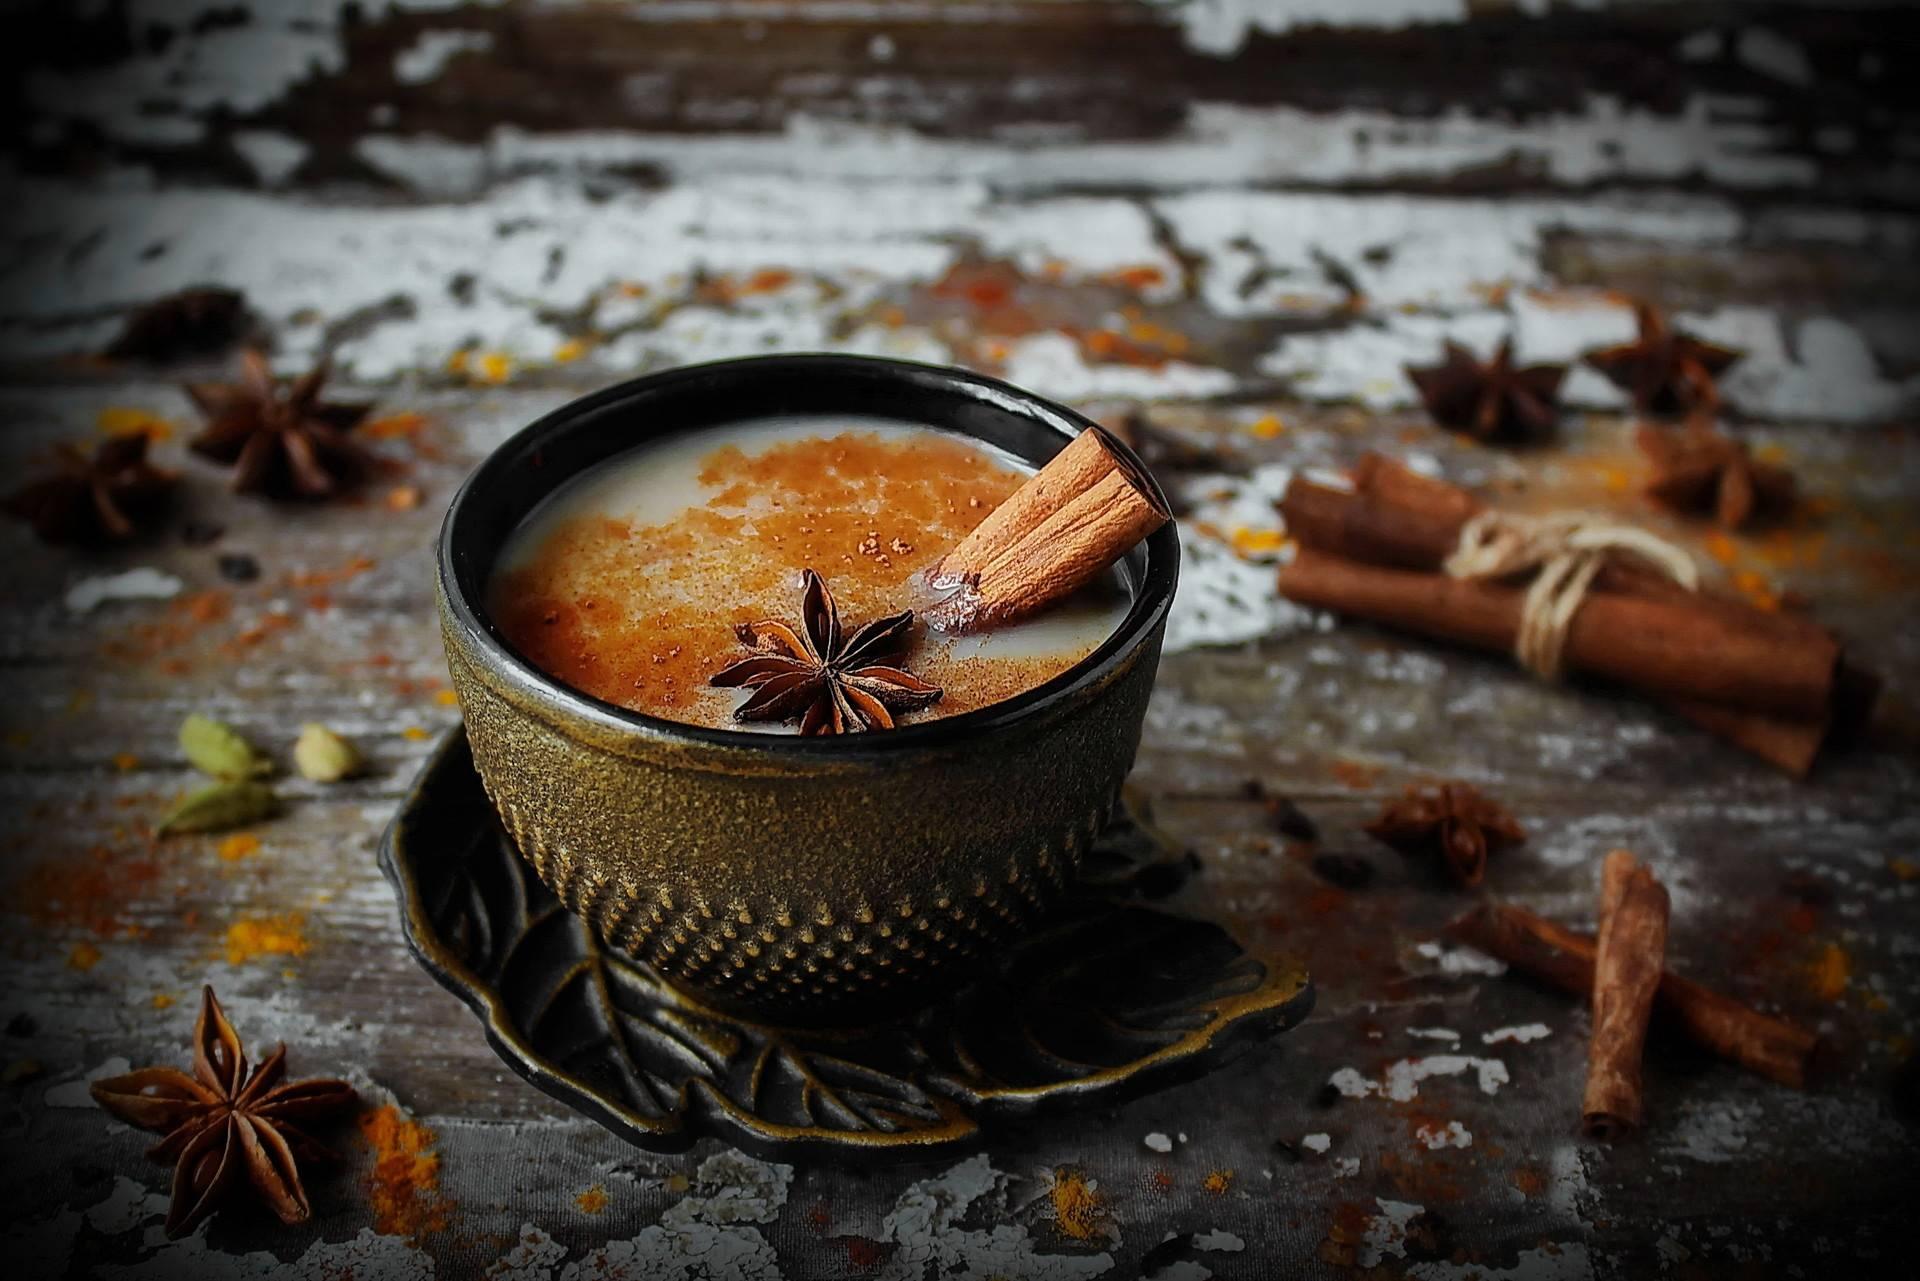 Кофе со специями - рецепты с разными приправами